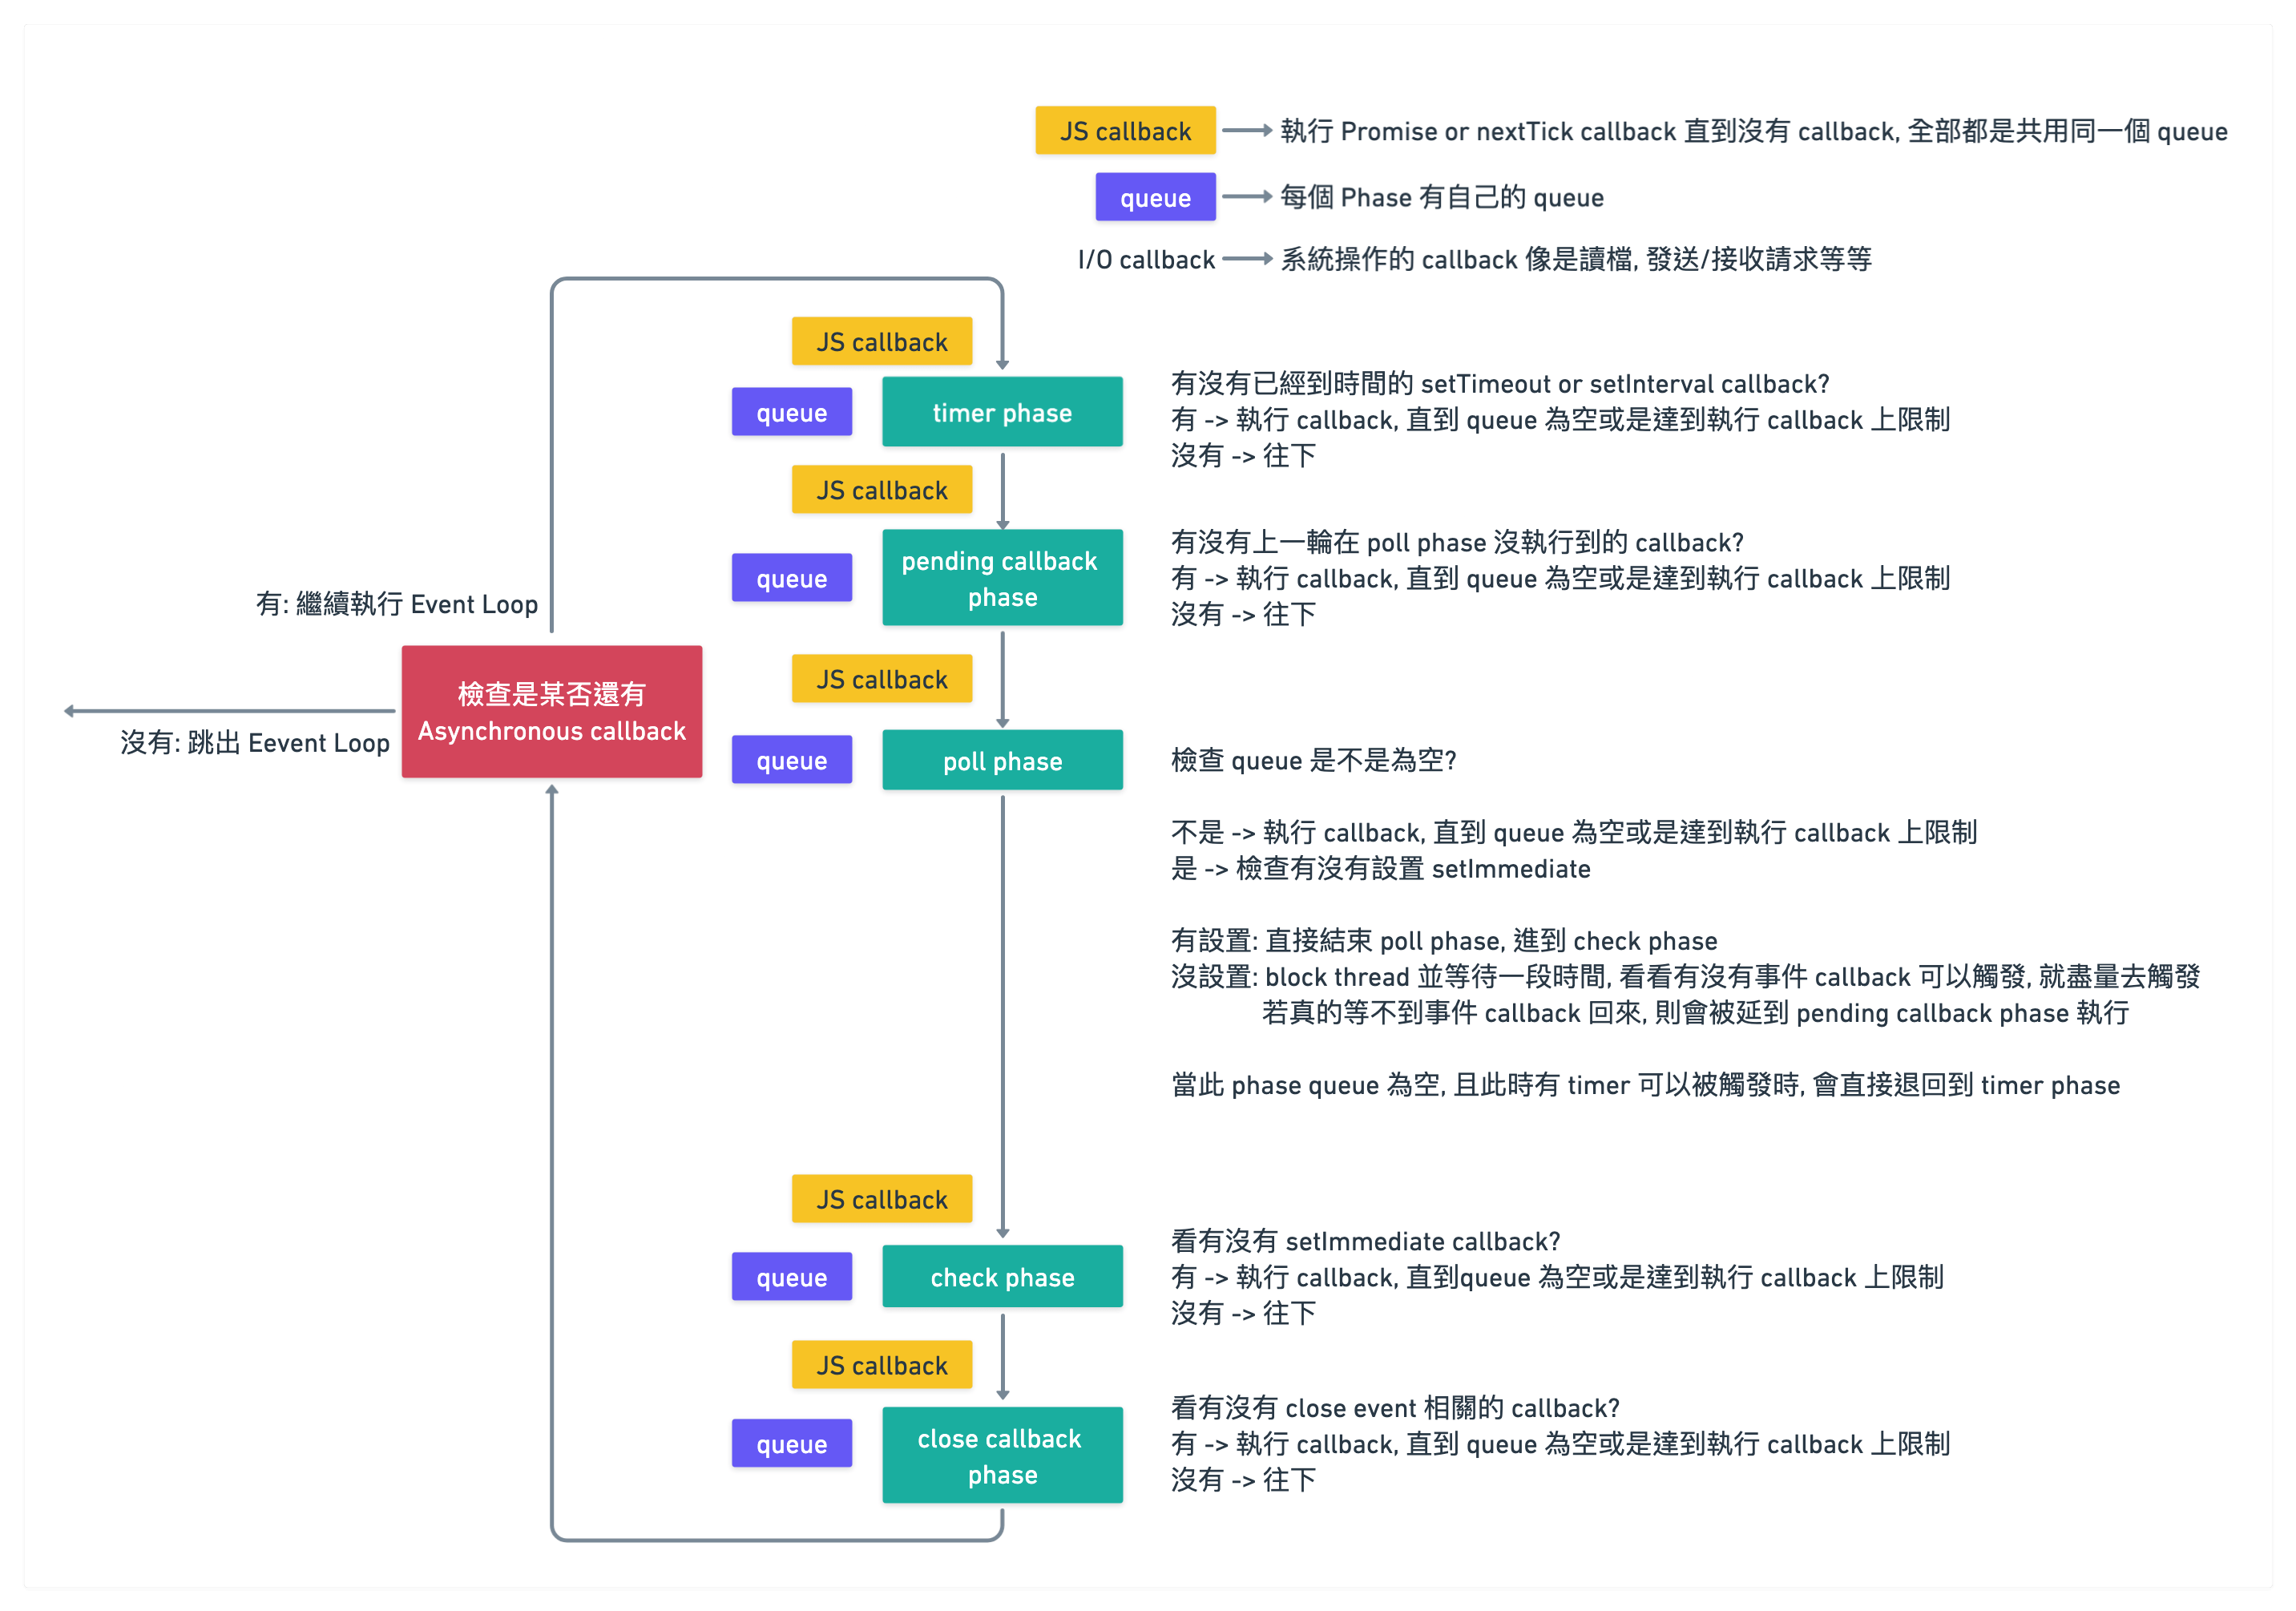 v10 以前版本 (包含 v10)